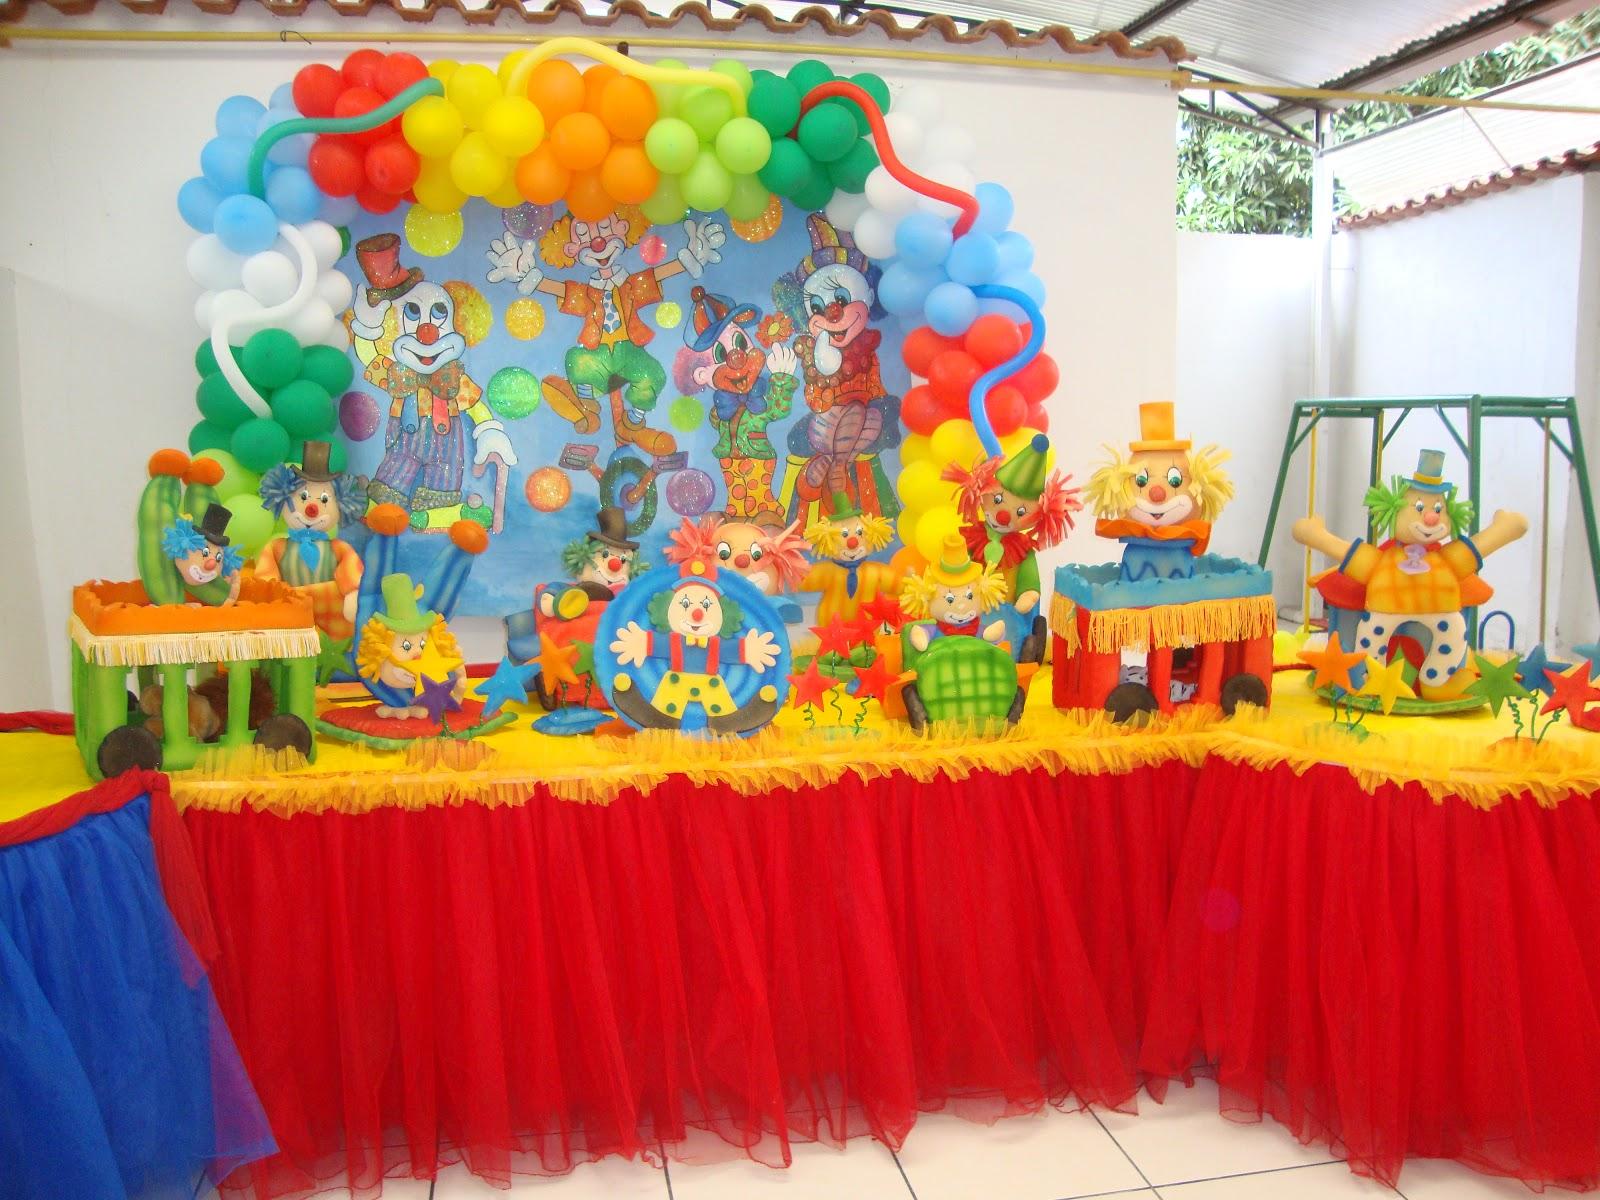 festa jardim da clarilu : festa jardim da clarilu:Aniversário tema joaninha – dicas de decoração, convite e